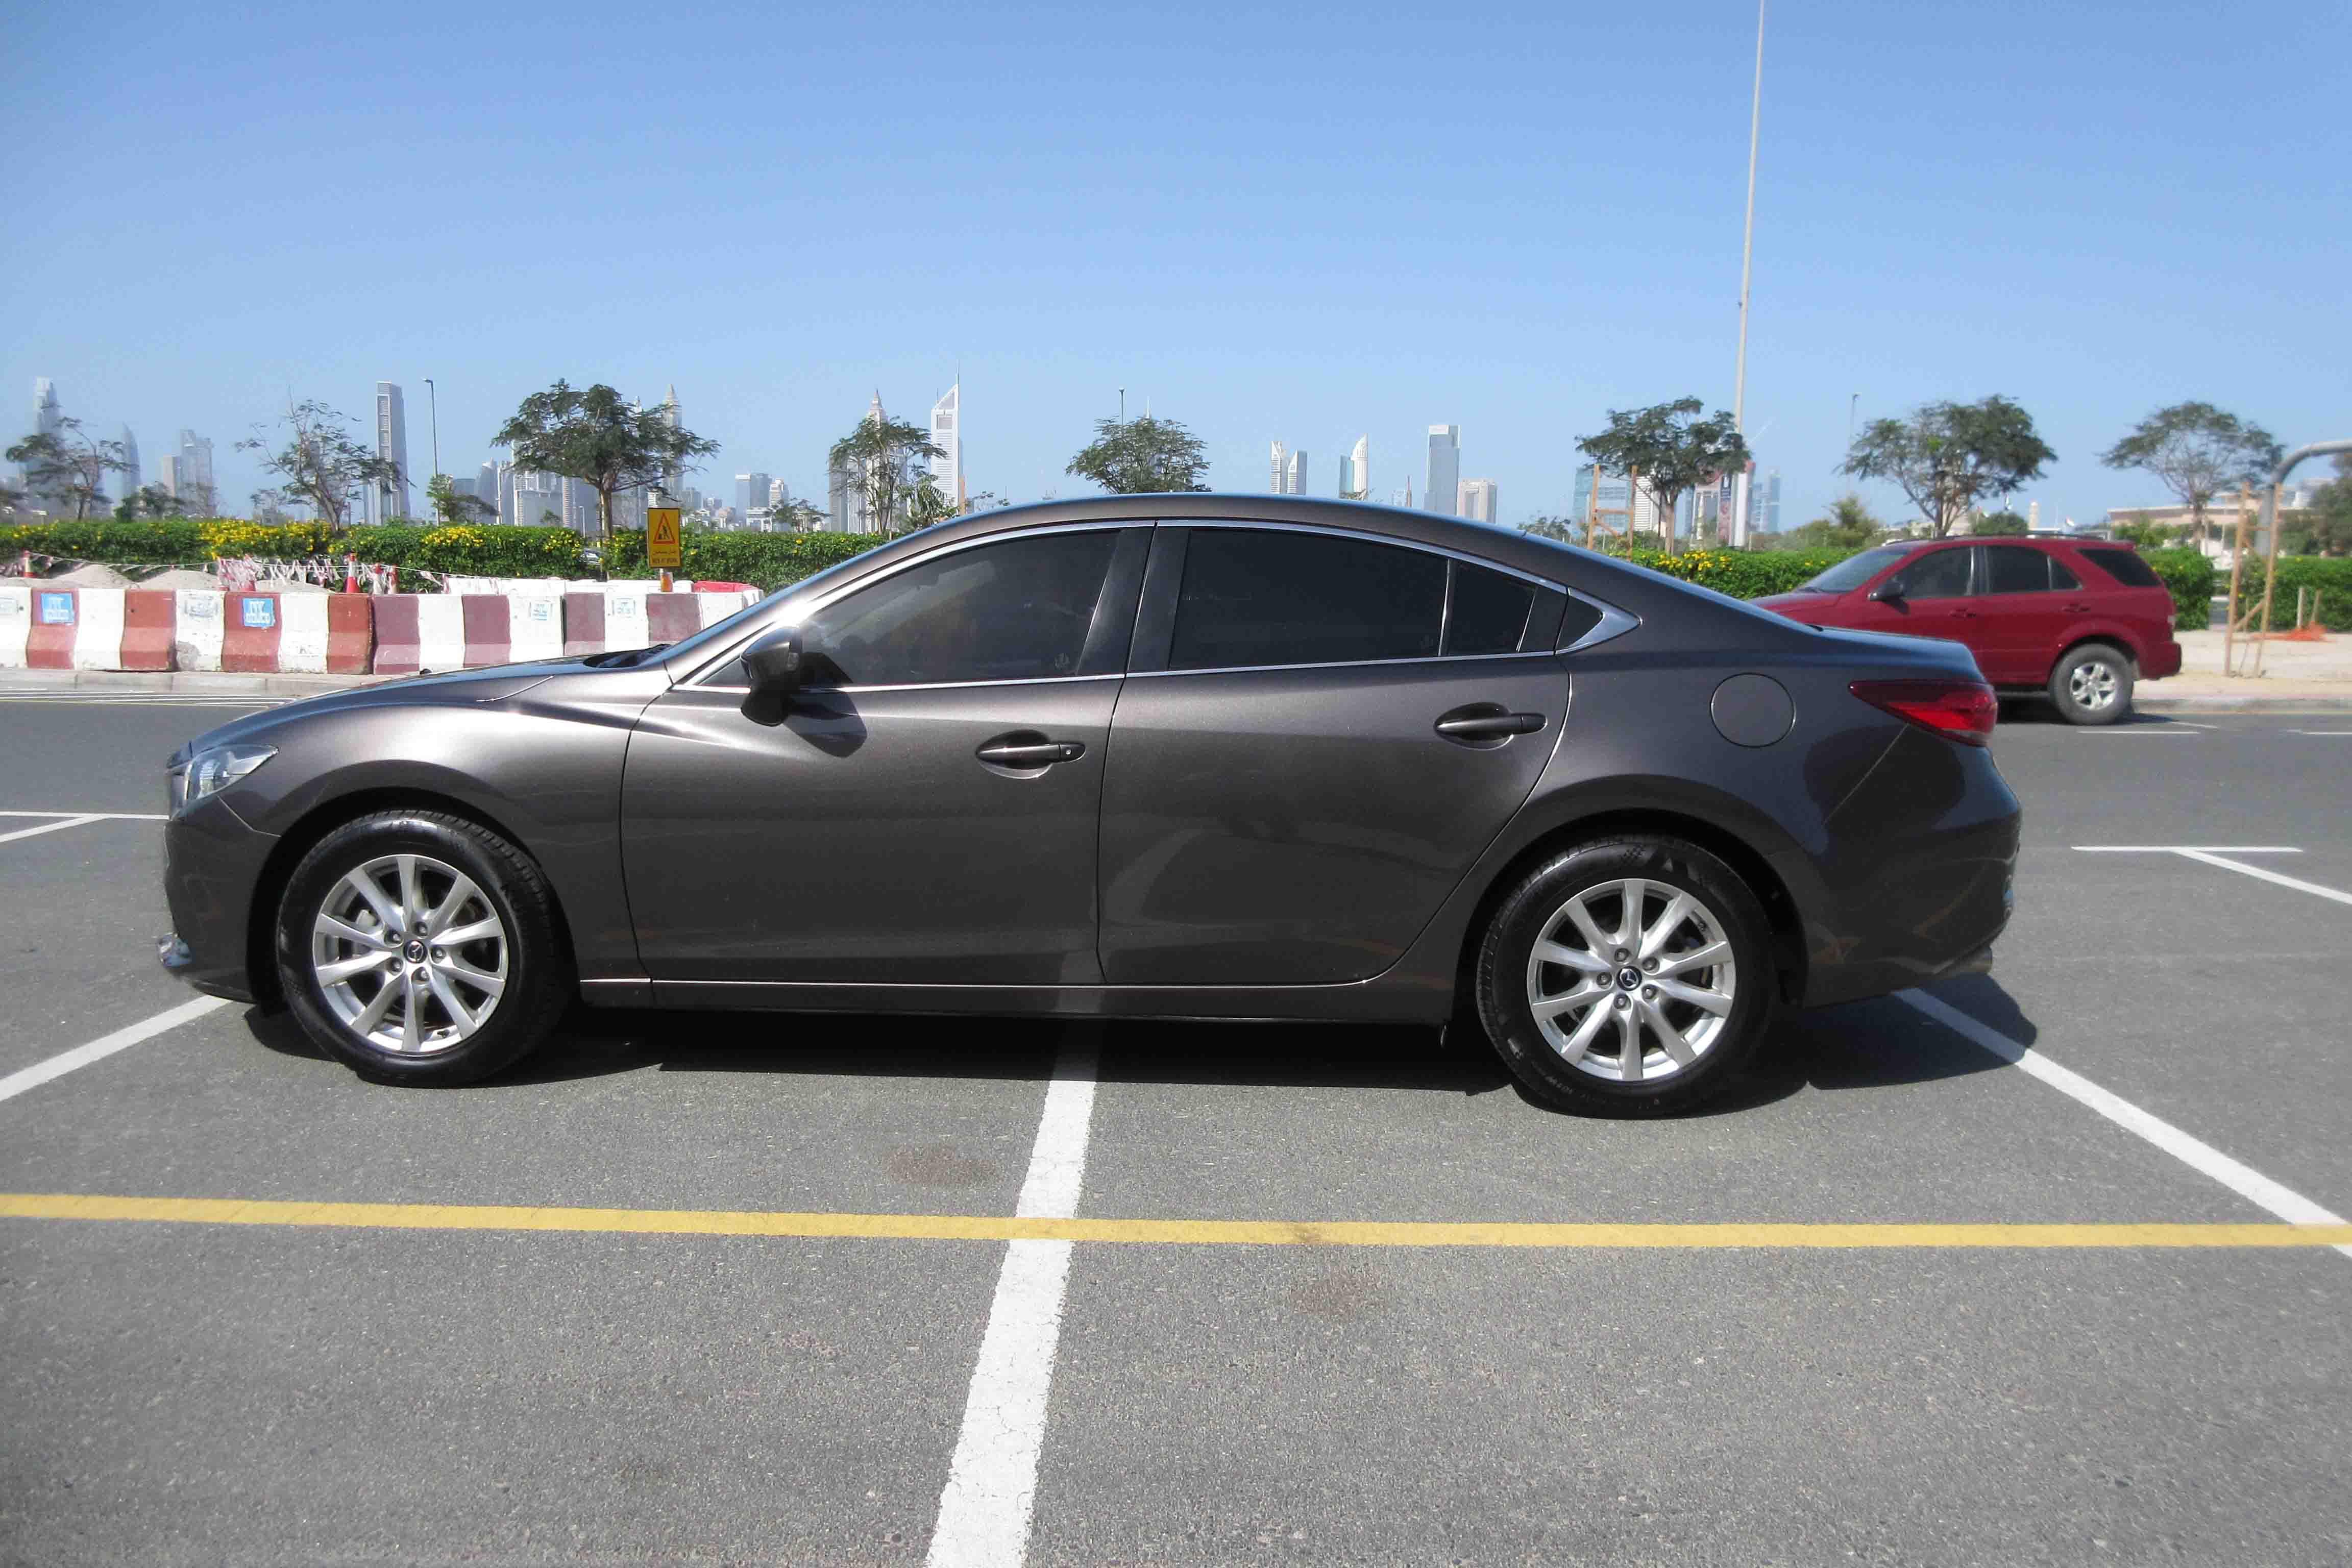 Mazda 6 2016 gray (14).JPG